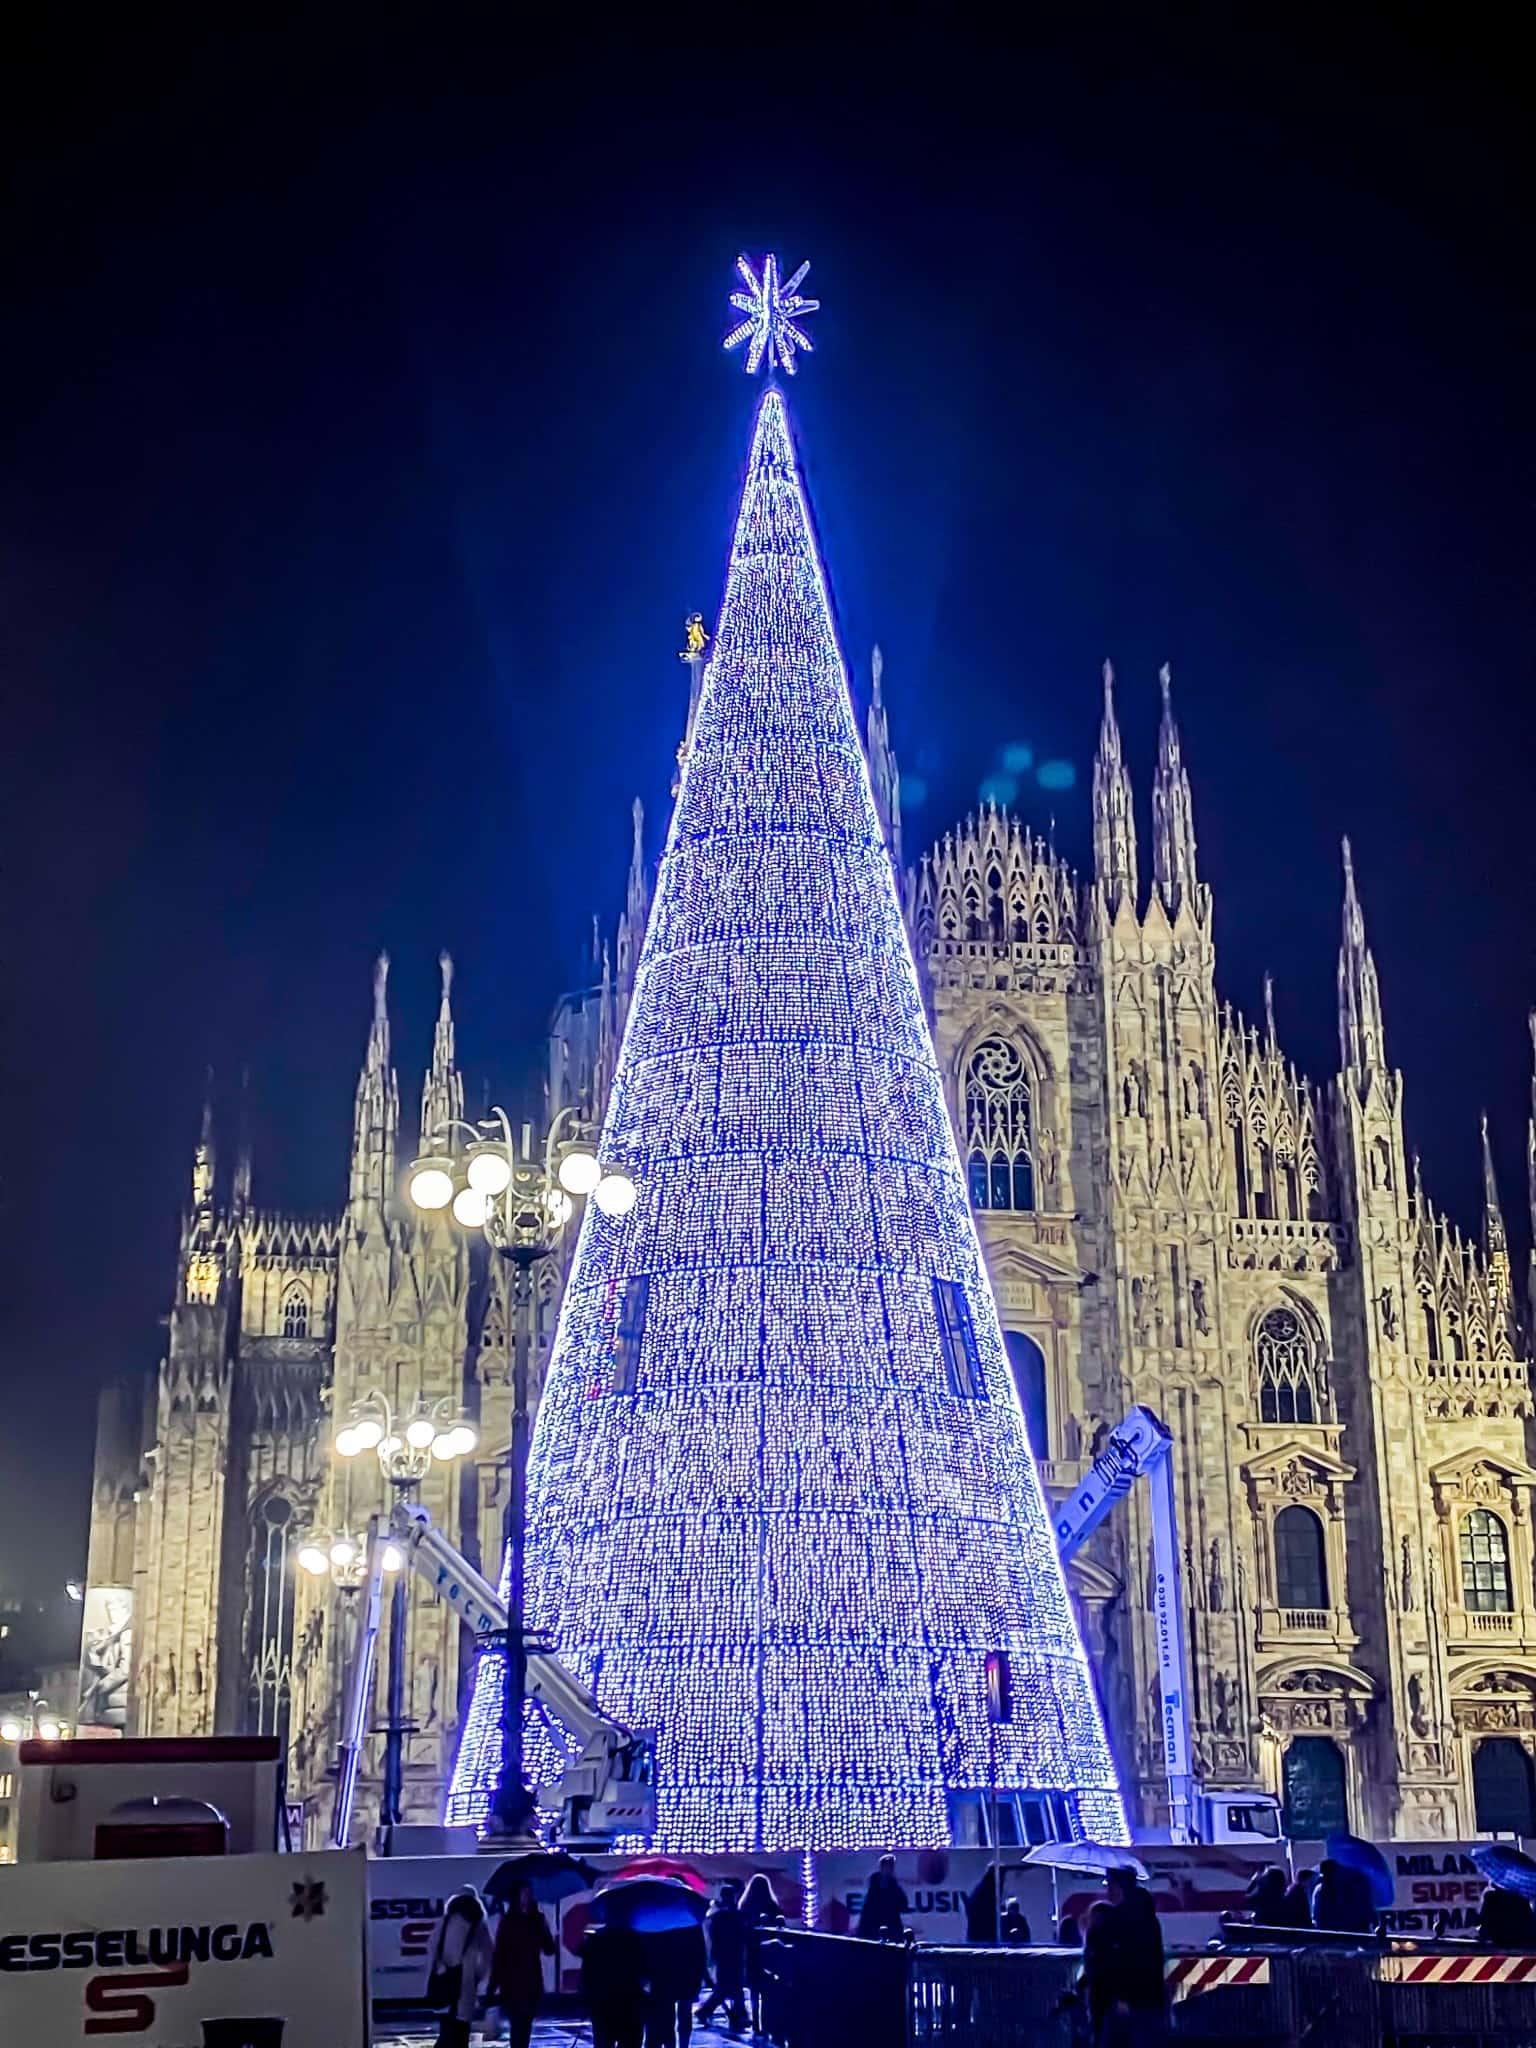 Albero Di Natale Trackidsp 006.Accensione Albero Di Natale In Piazza Duomo Tutte Le Informazioni